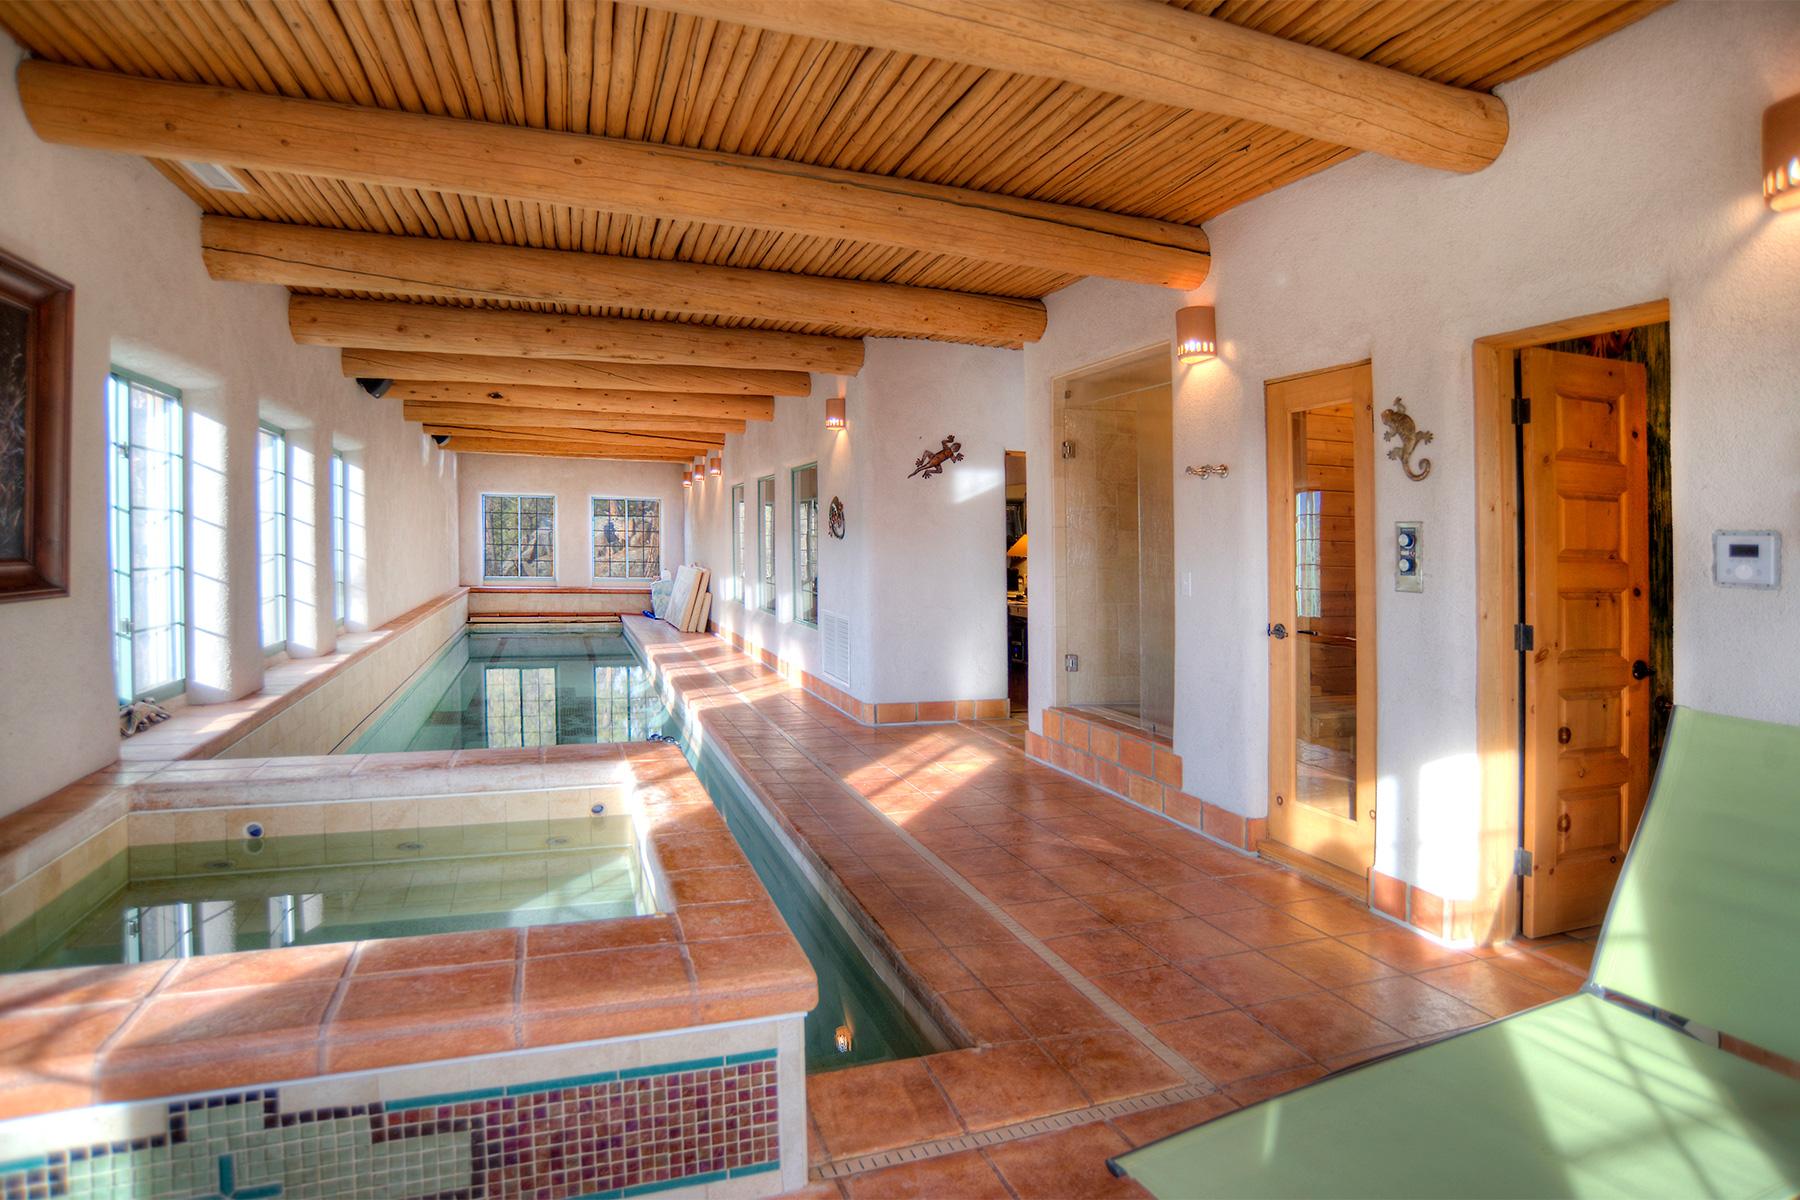 Casa Unifamiliar por un Venta en 1401 Celadon Drive 1401 Celadon Drive East Durango, Colorado, 81301 Estados Unidos